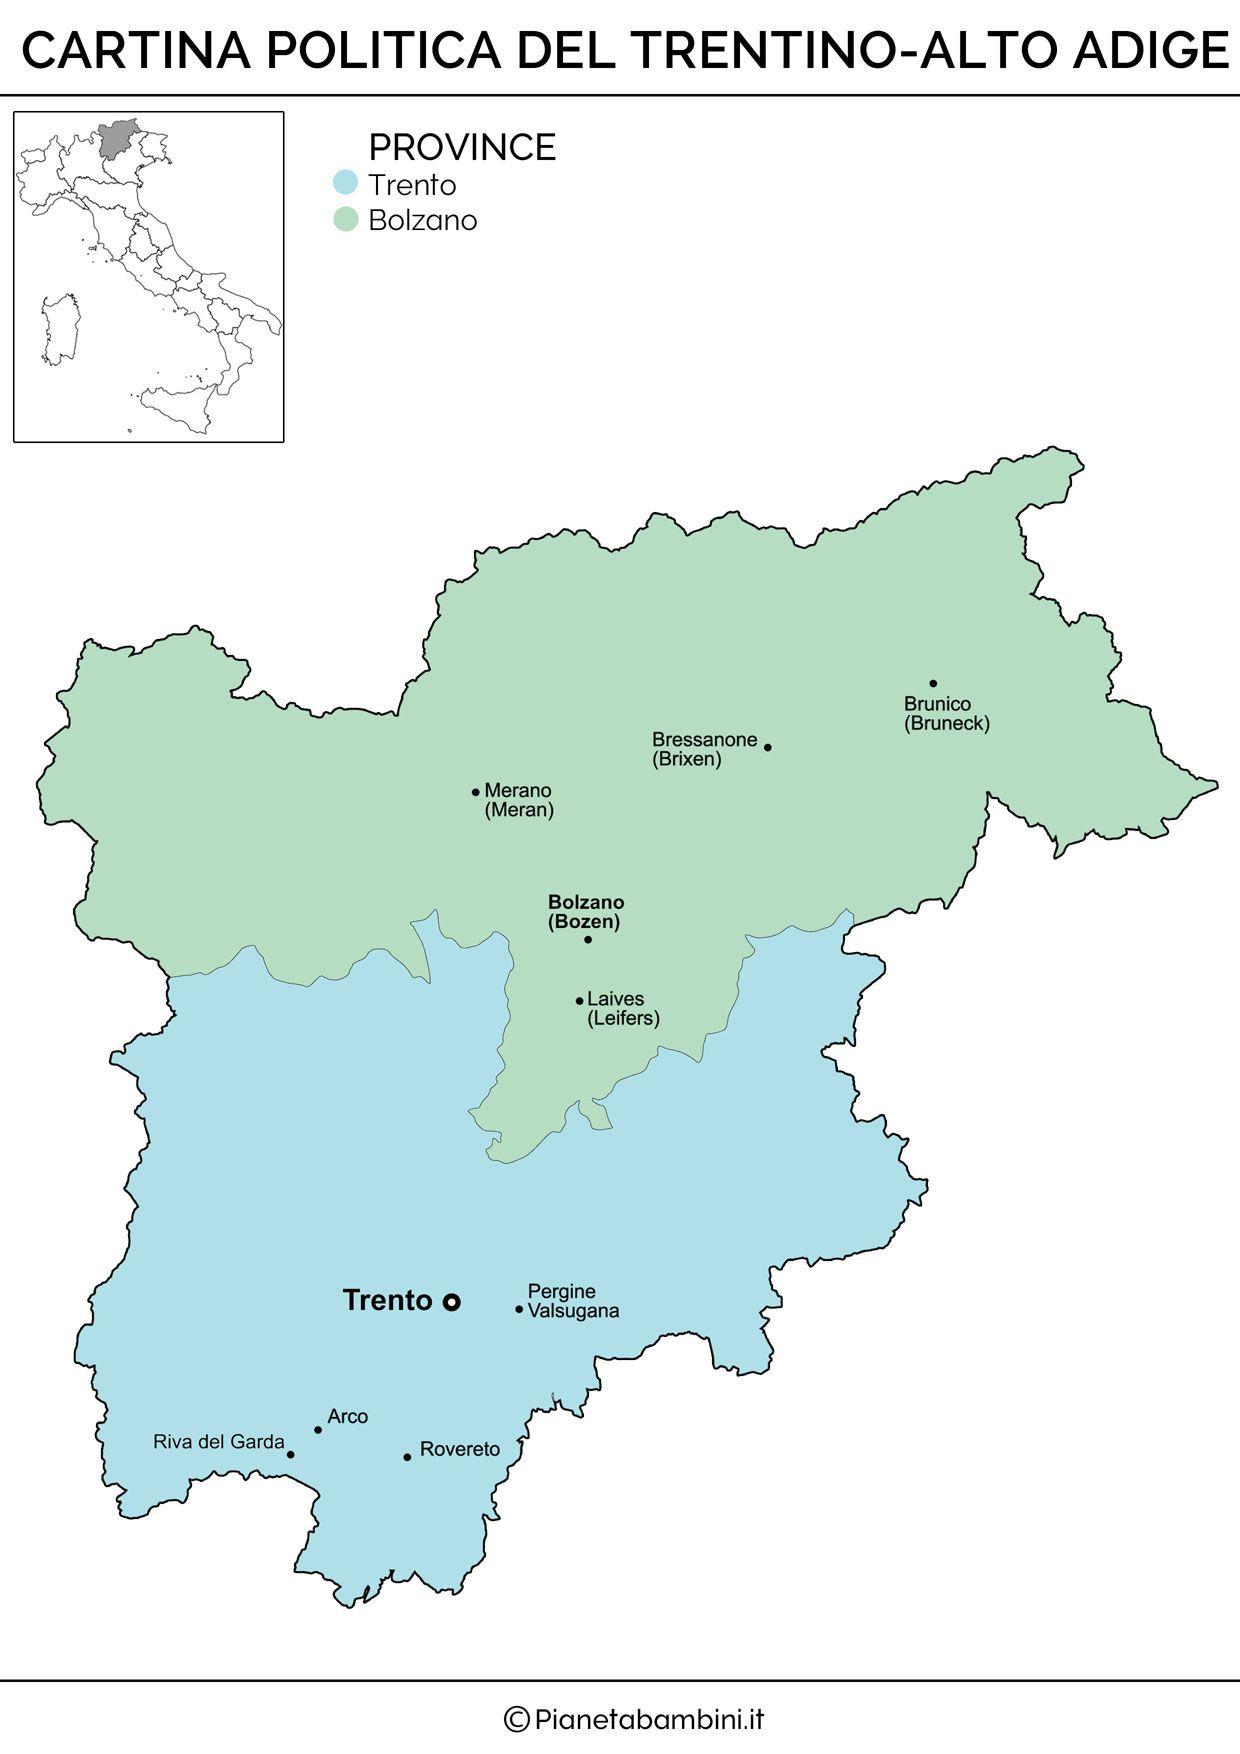 Cartina Muta Del Trentino Alto Adige Da Stampare.Cartina Muta Fisica E Politica Del Trentino Alto Adige Da Stampare Alto Adige Politica E Geografia